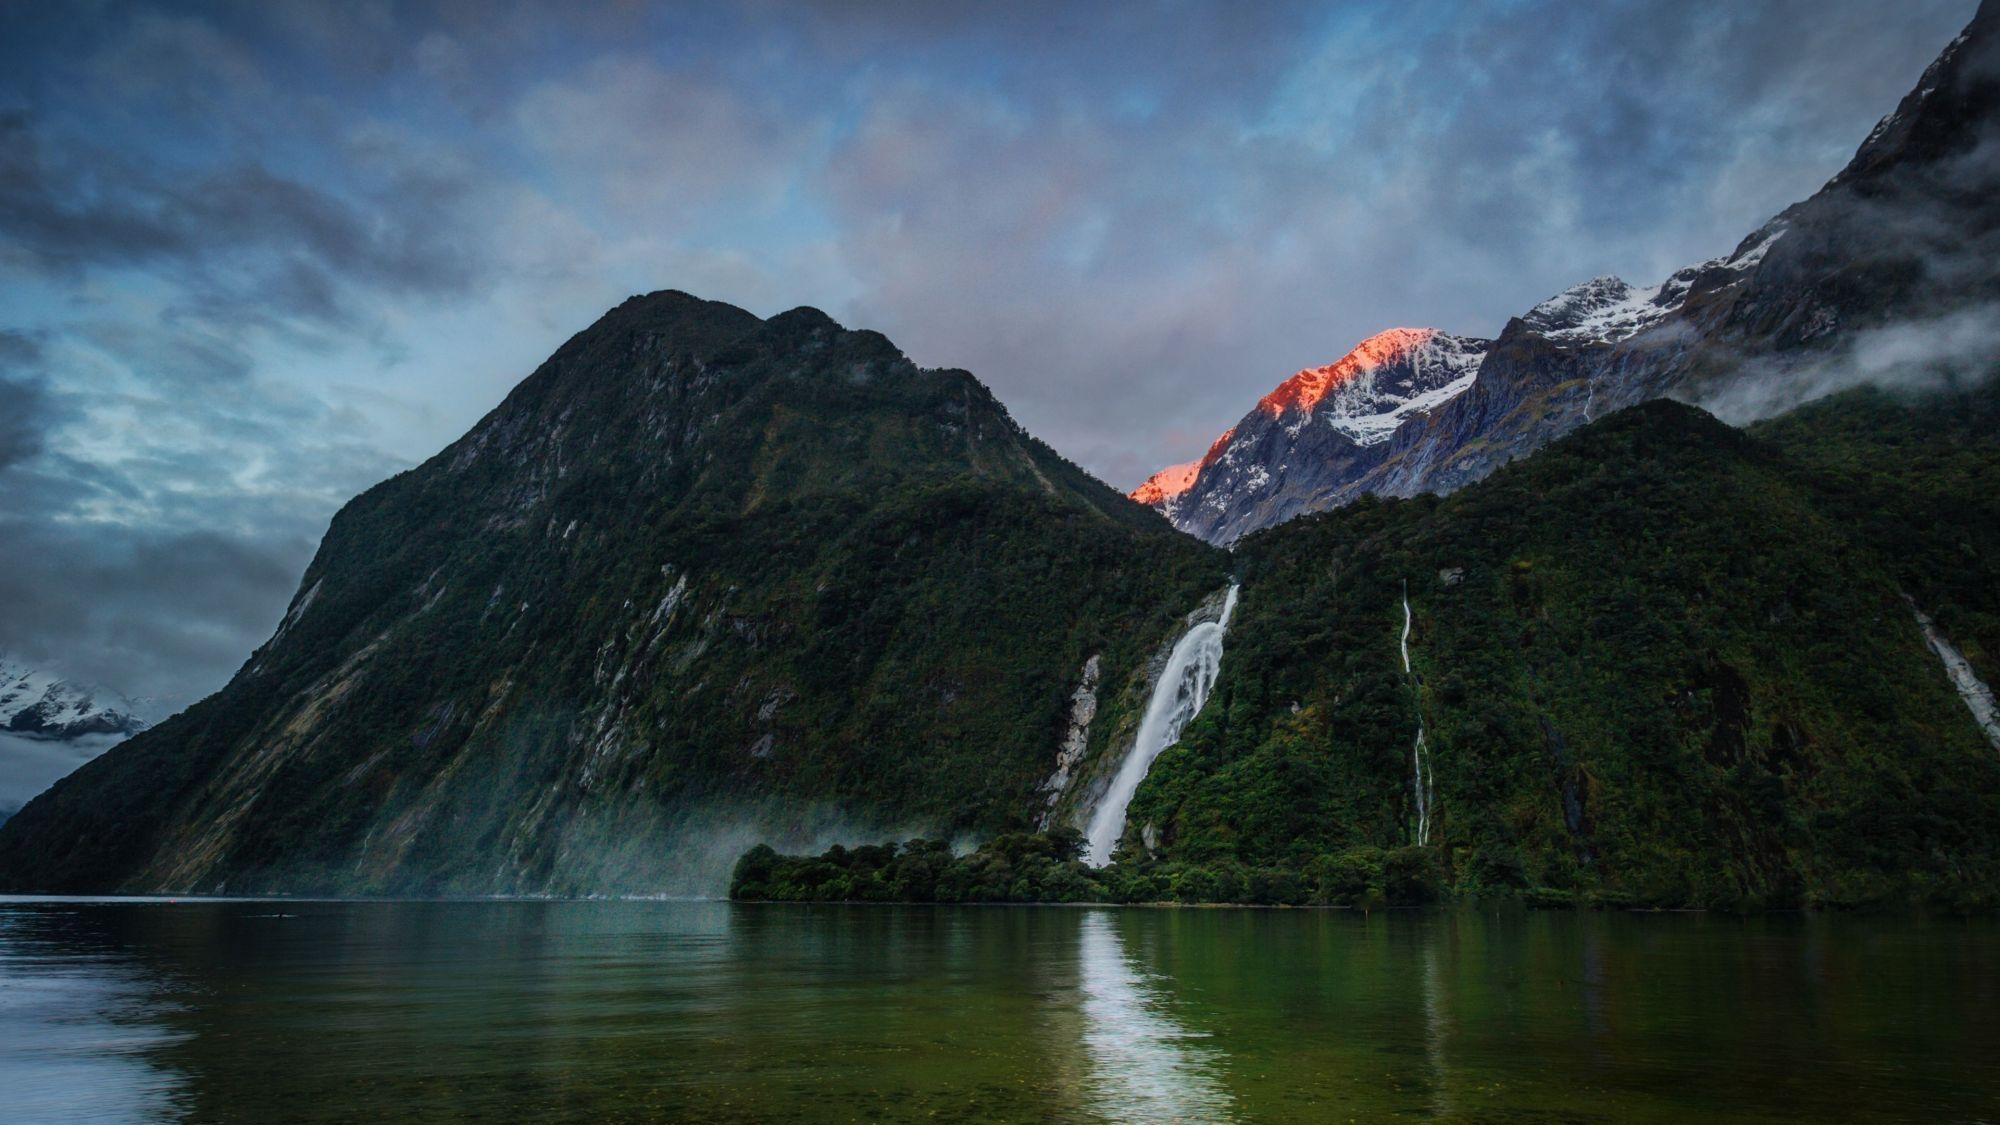 令人心情放松的新西兰风景